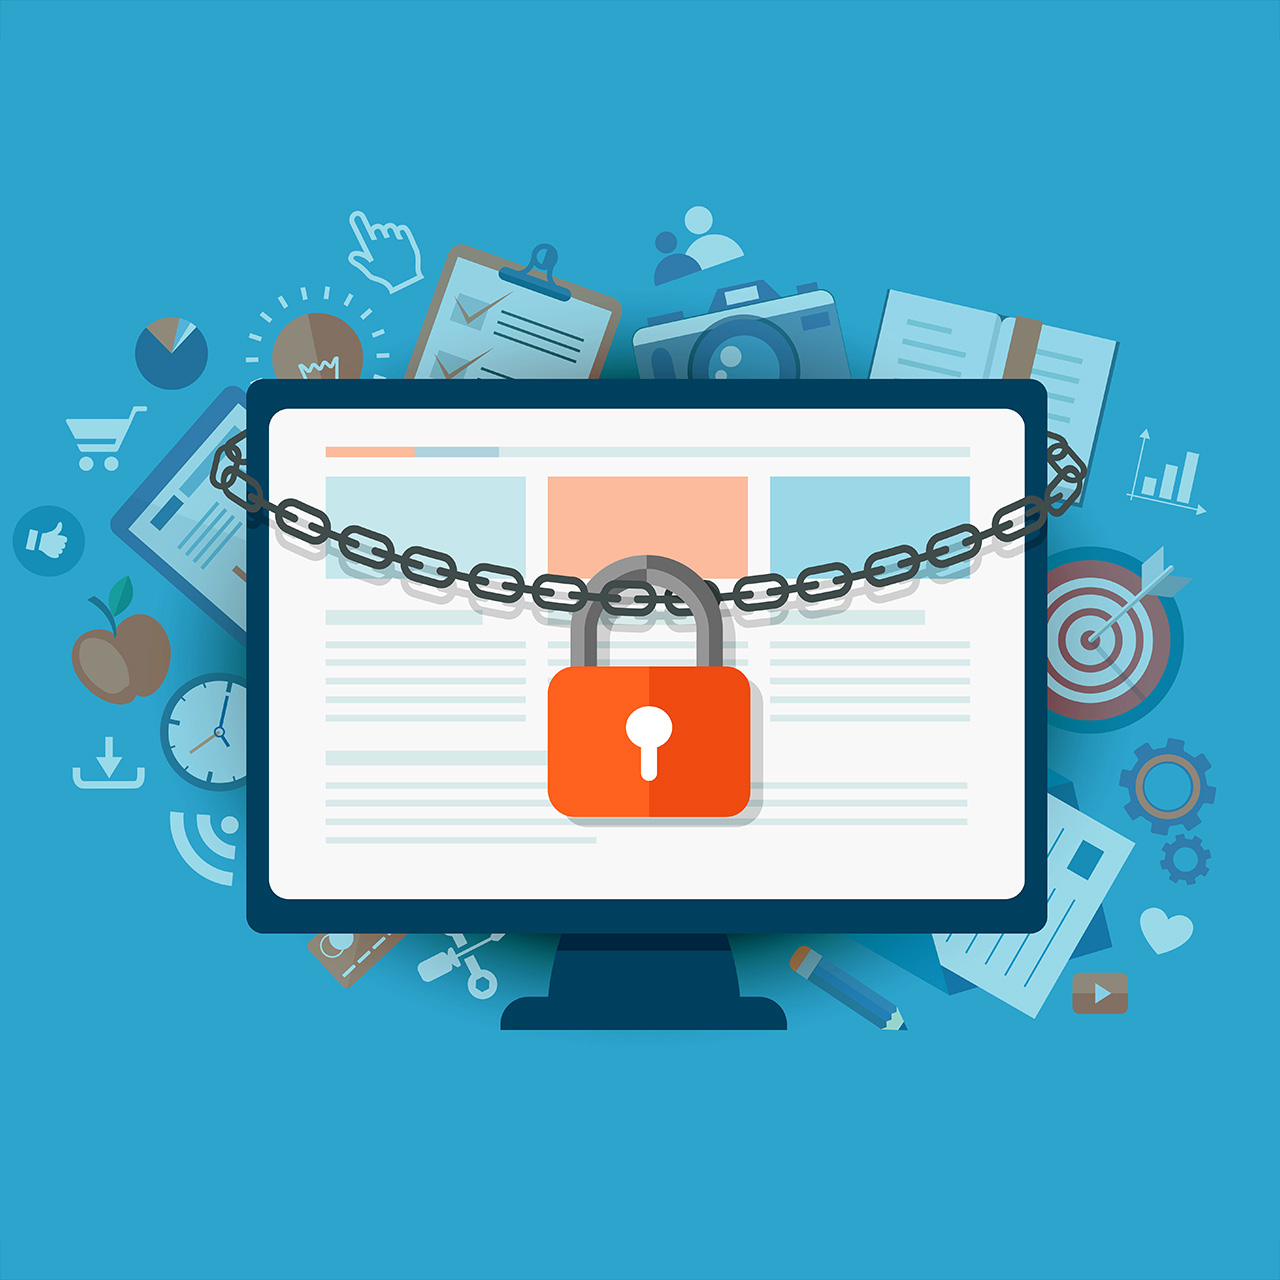 سبع وسائل لحماية الخصوصية على الأنترنت ... تعرف عليها